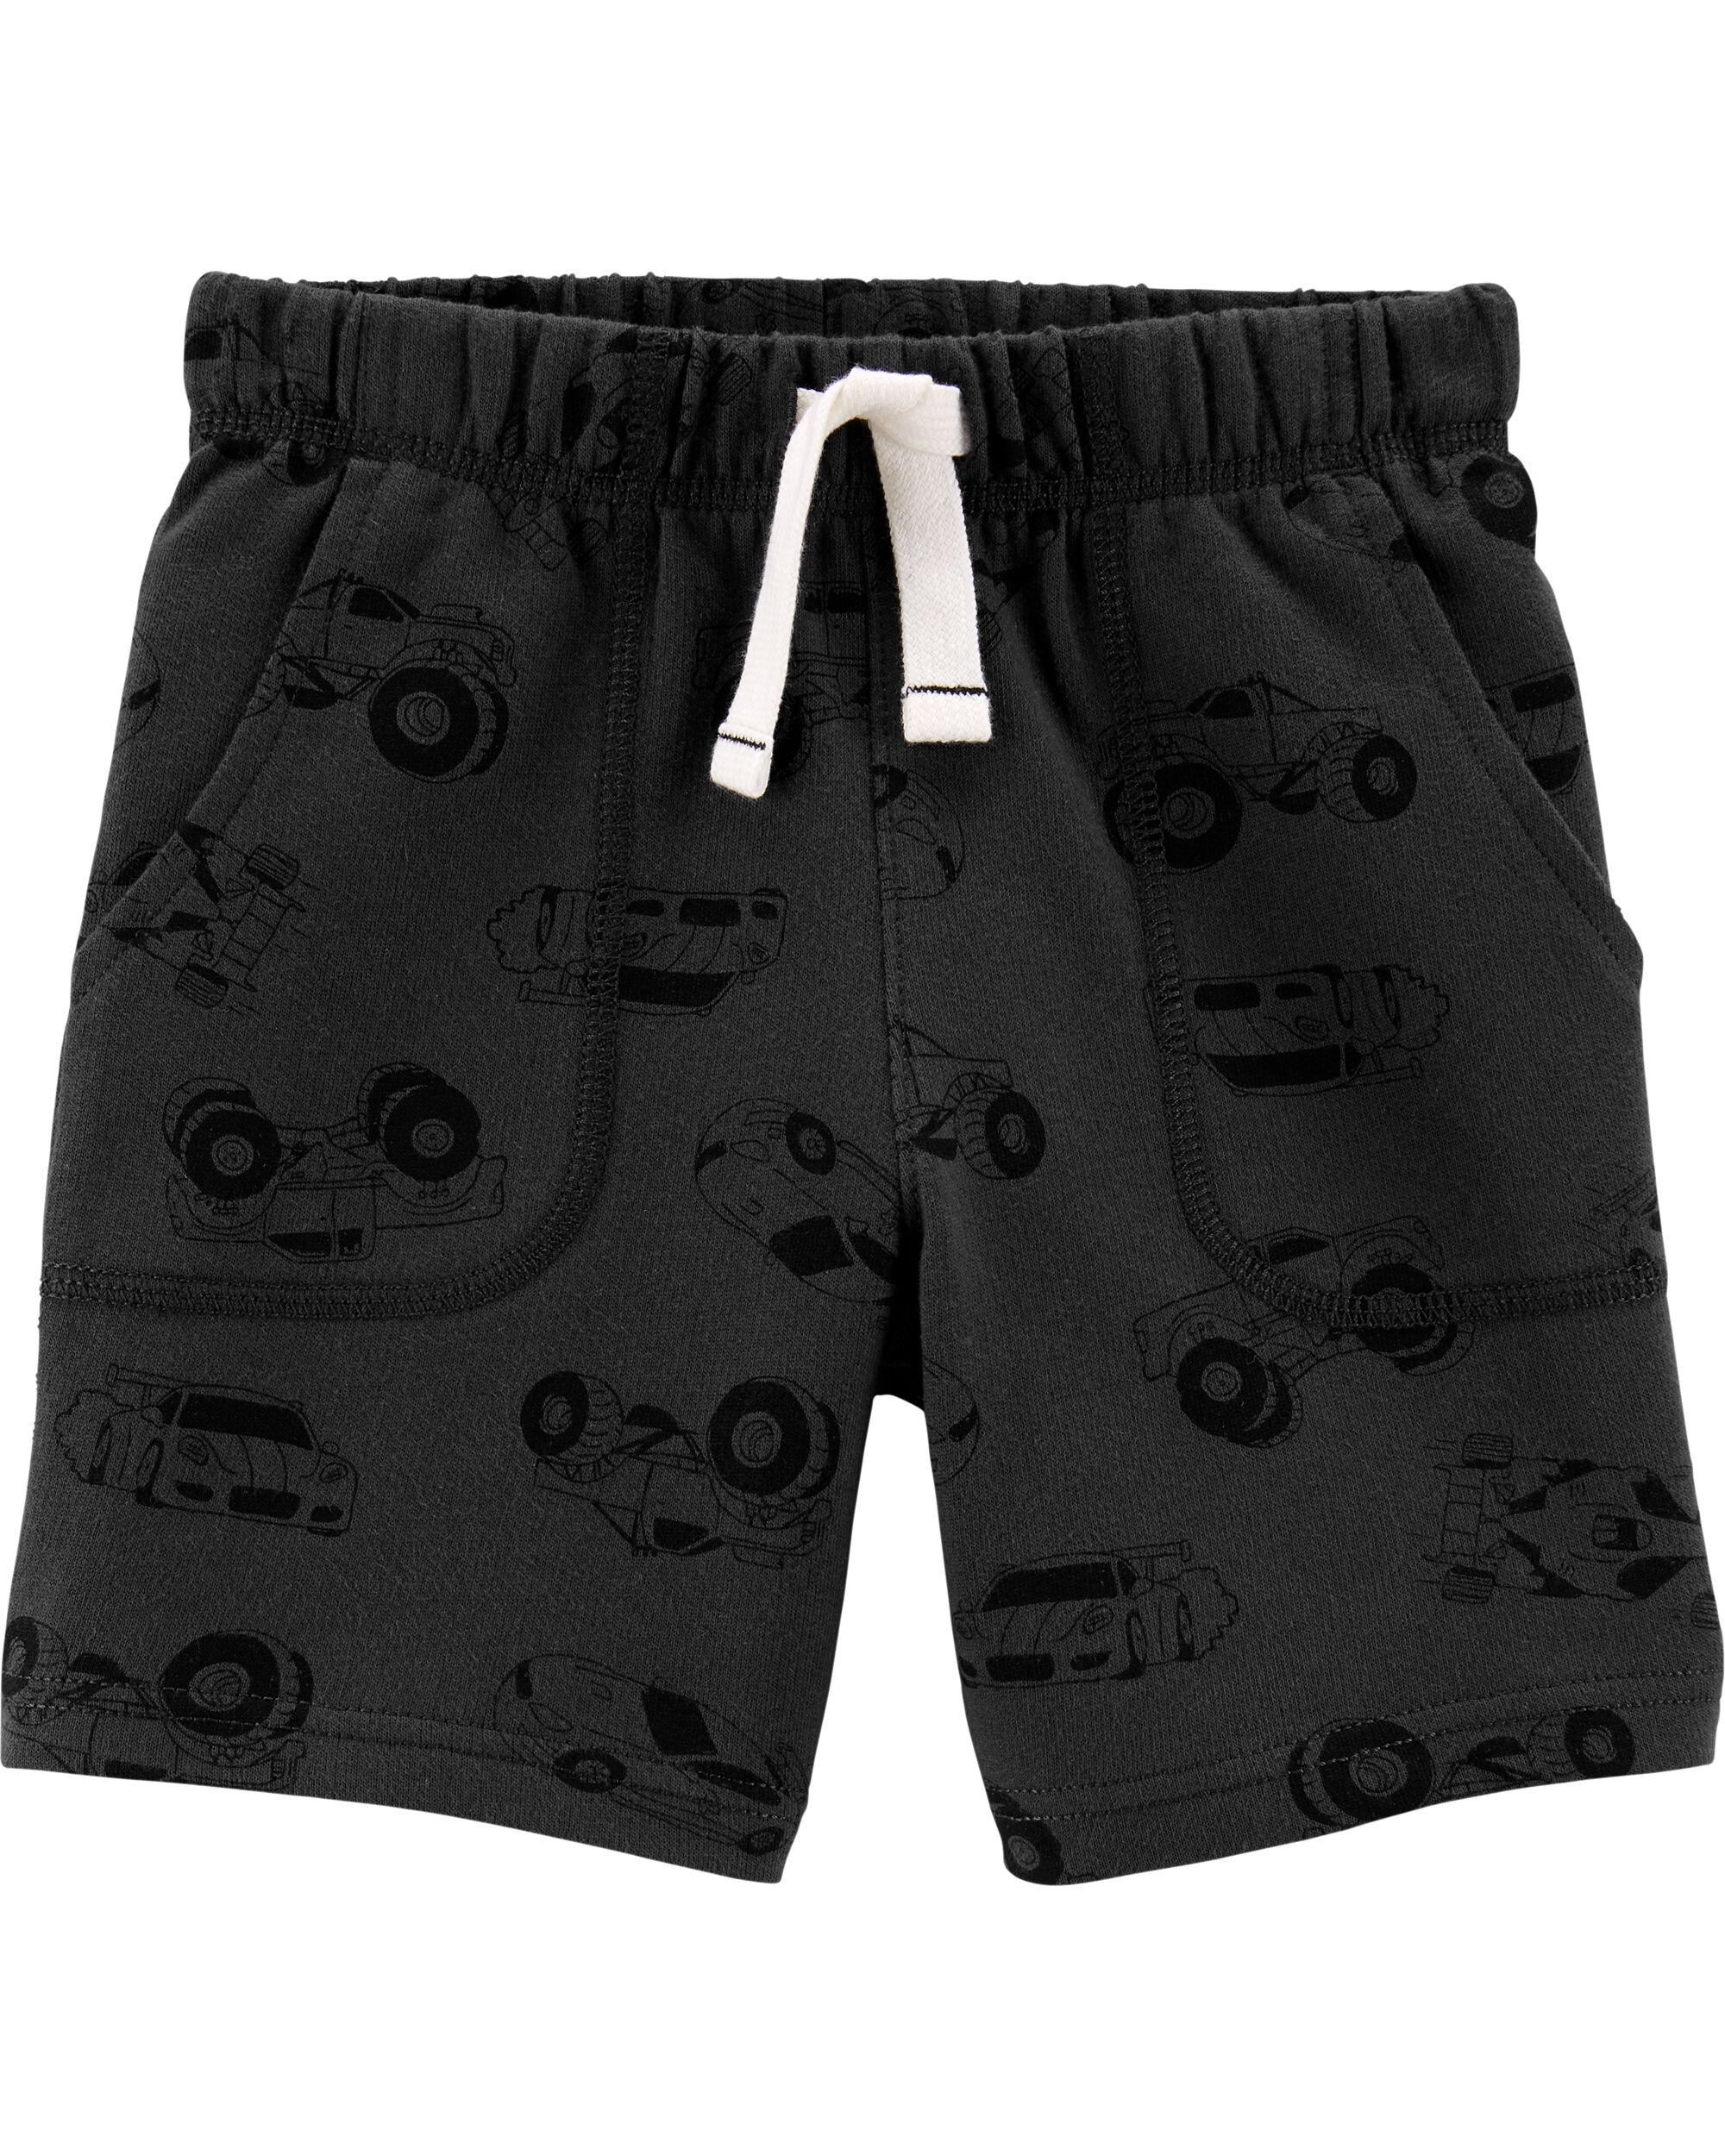 *DOORBUSTER* Pull On Shorts